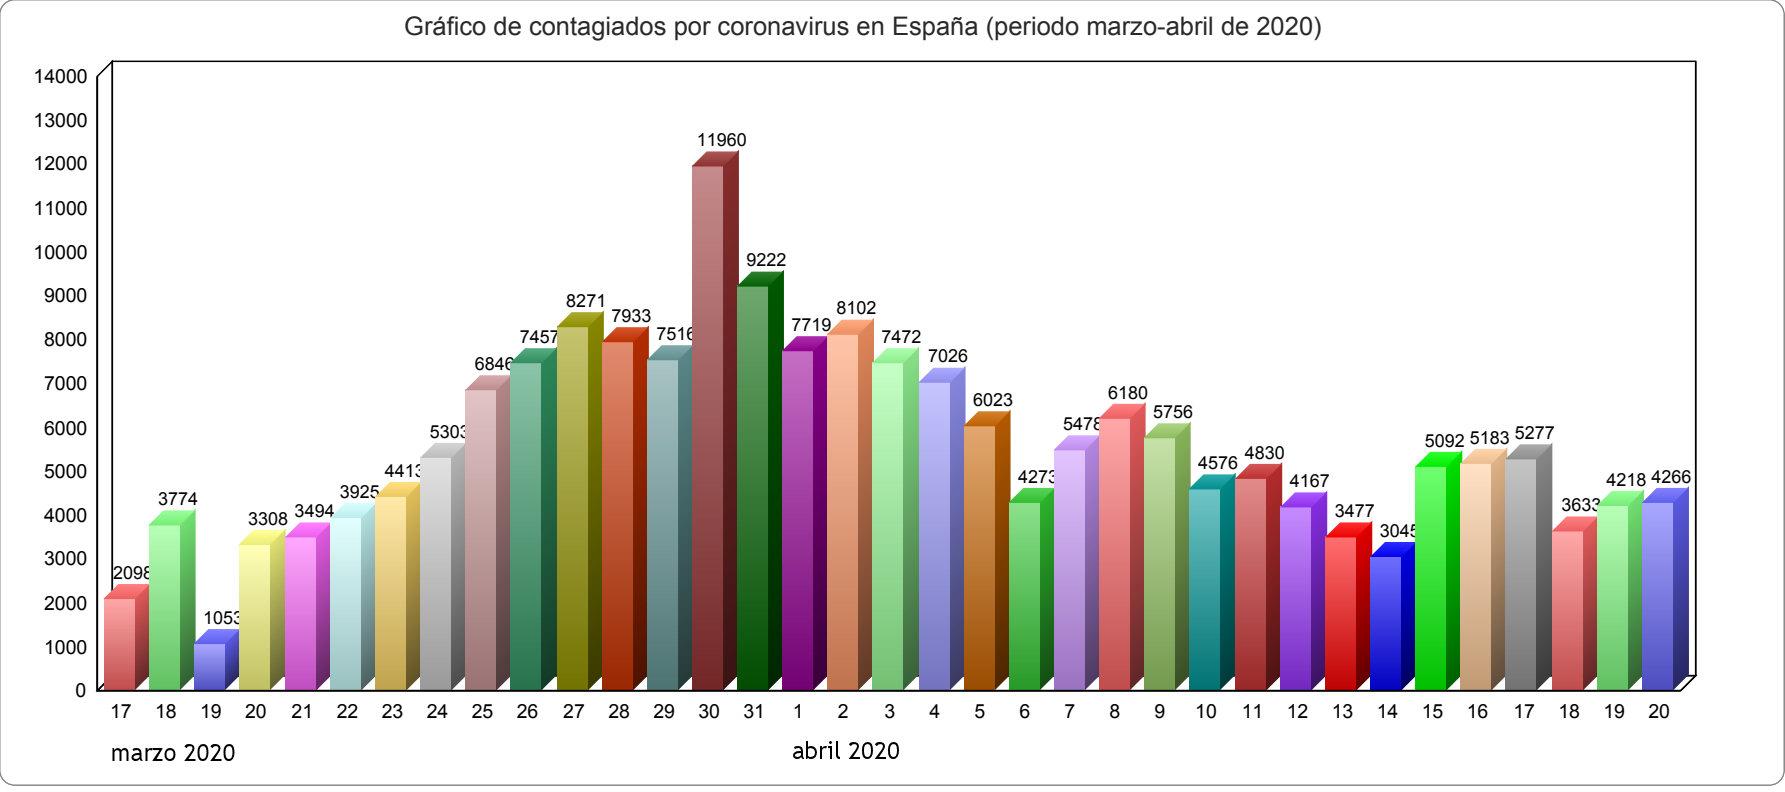 grafico barras contagiados coronavirus espana